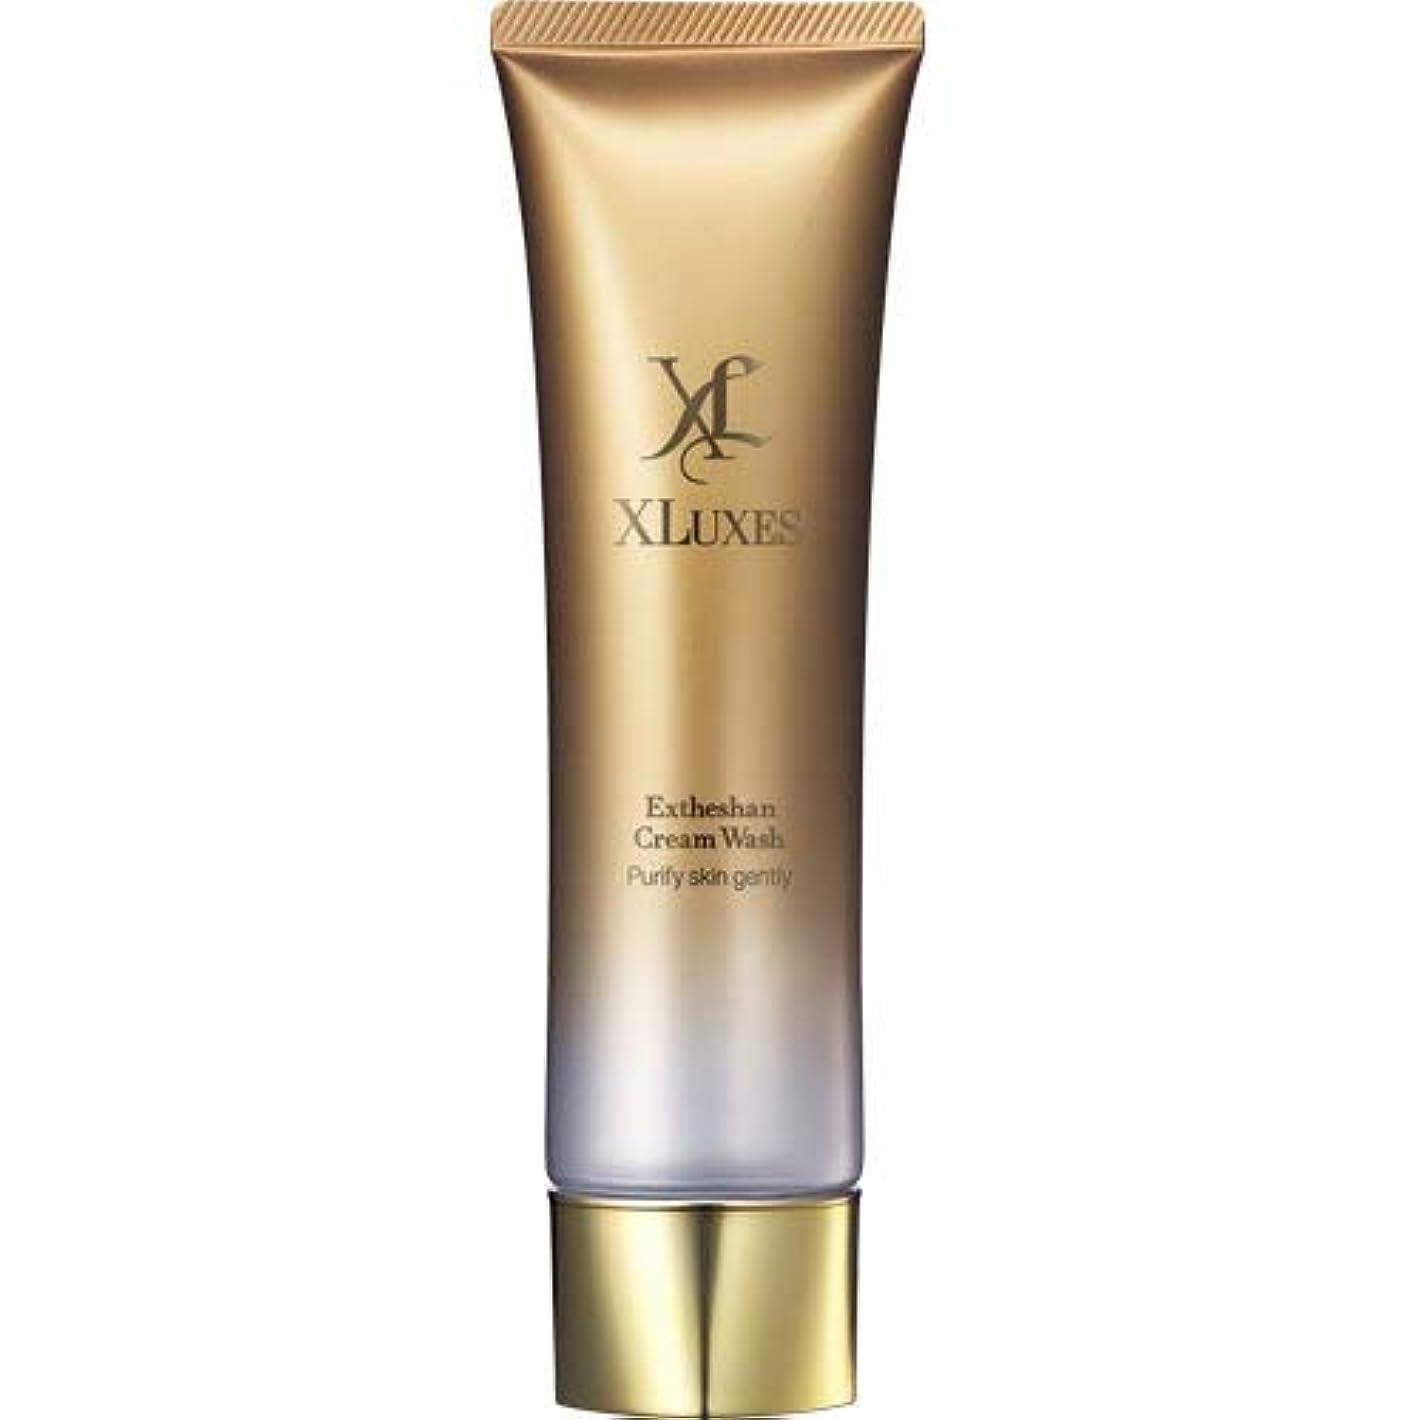 絶対にフォージけがをするXLUXES スキンケア洗顔料 ヒト幹細胞培養液配合 エグゼティシャン クリームウォッシュ